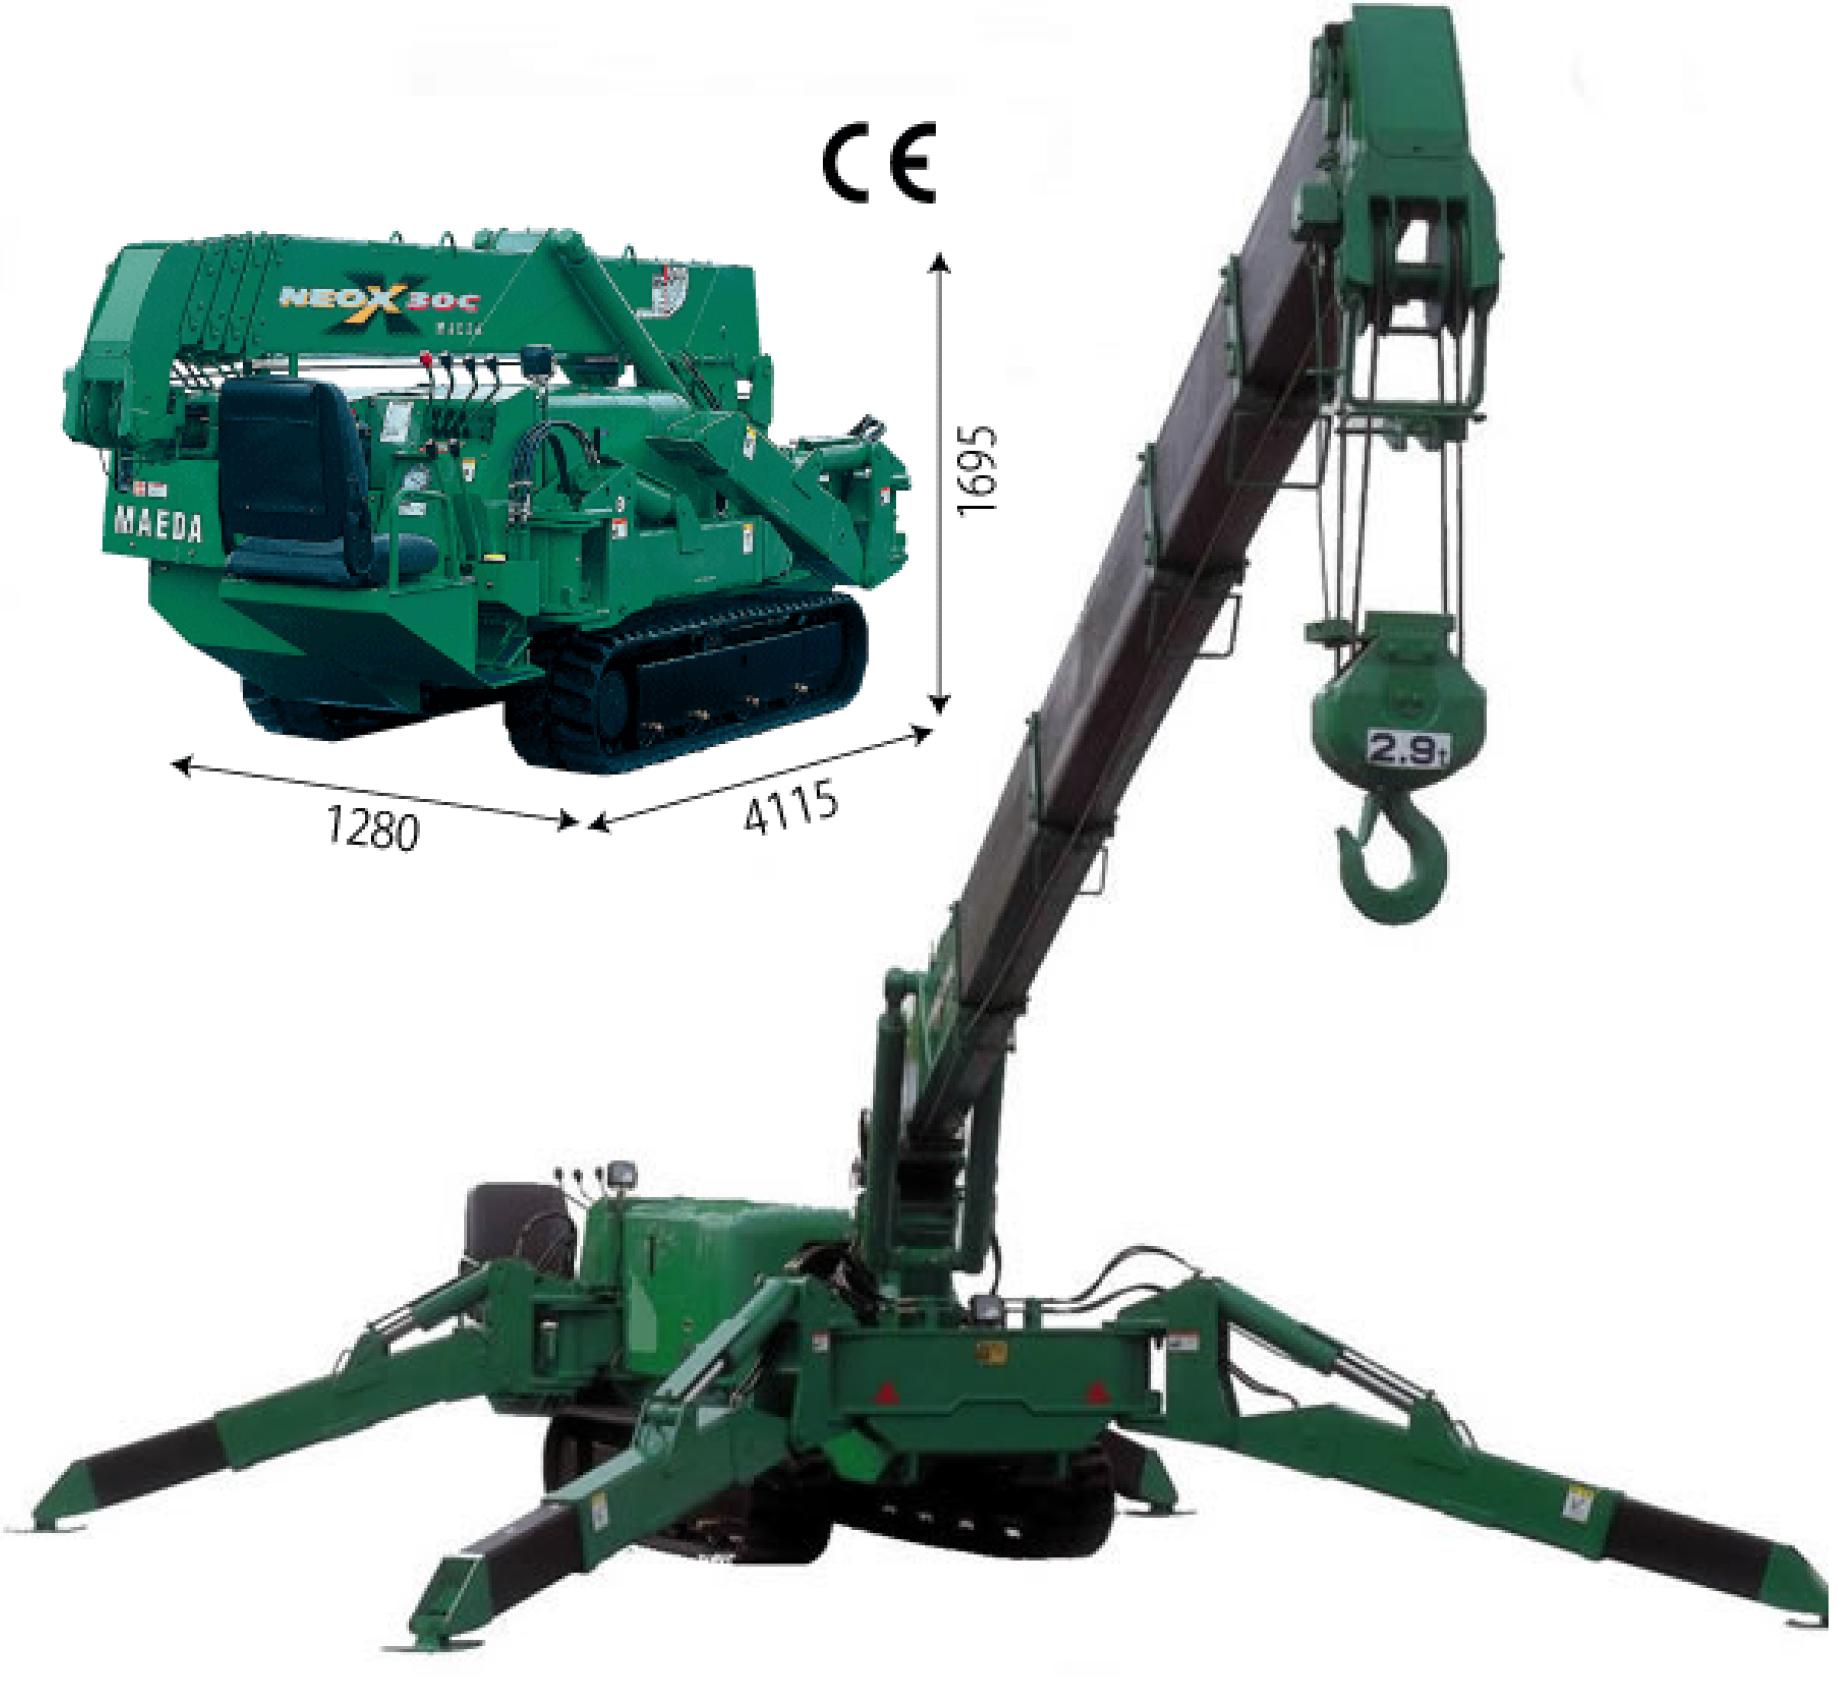 Maeda MC305 Mini Crane Hire